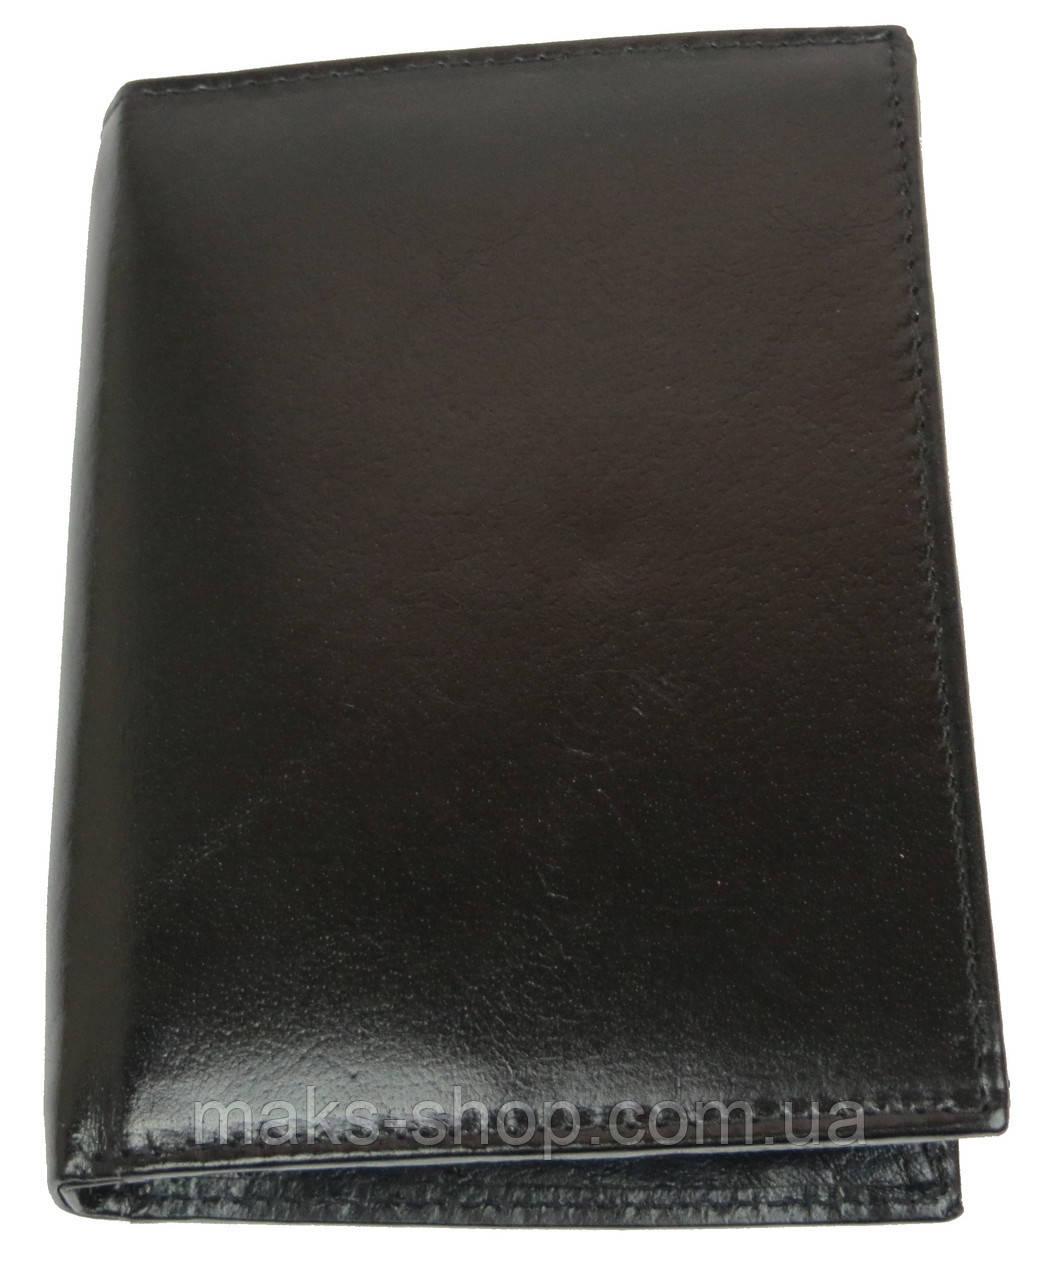 9054888544ee Классическое вертикальное мужское портмоне из 100% натуральной кожи ALWAYS  WILD - Maks Shop- надежный